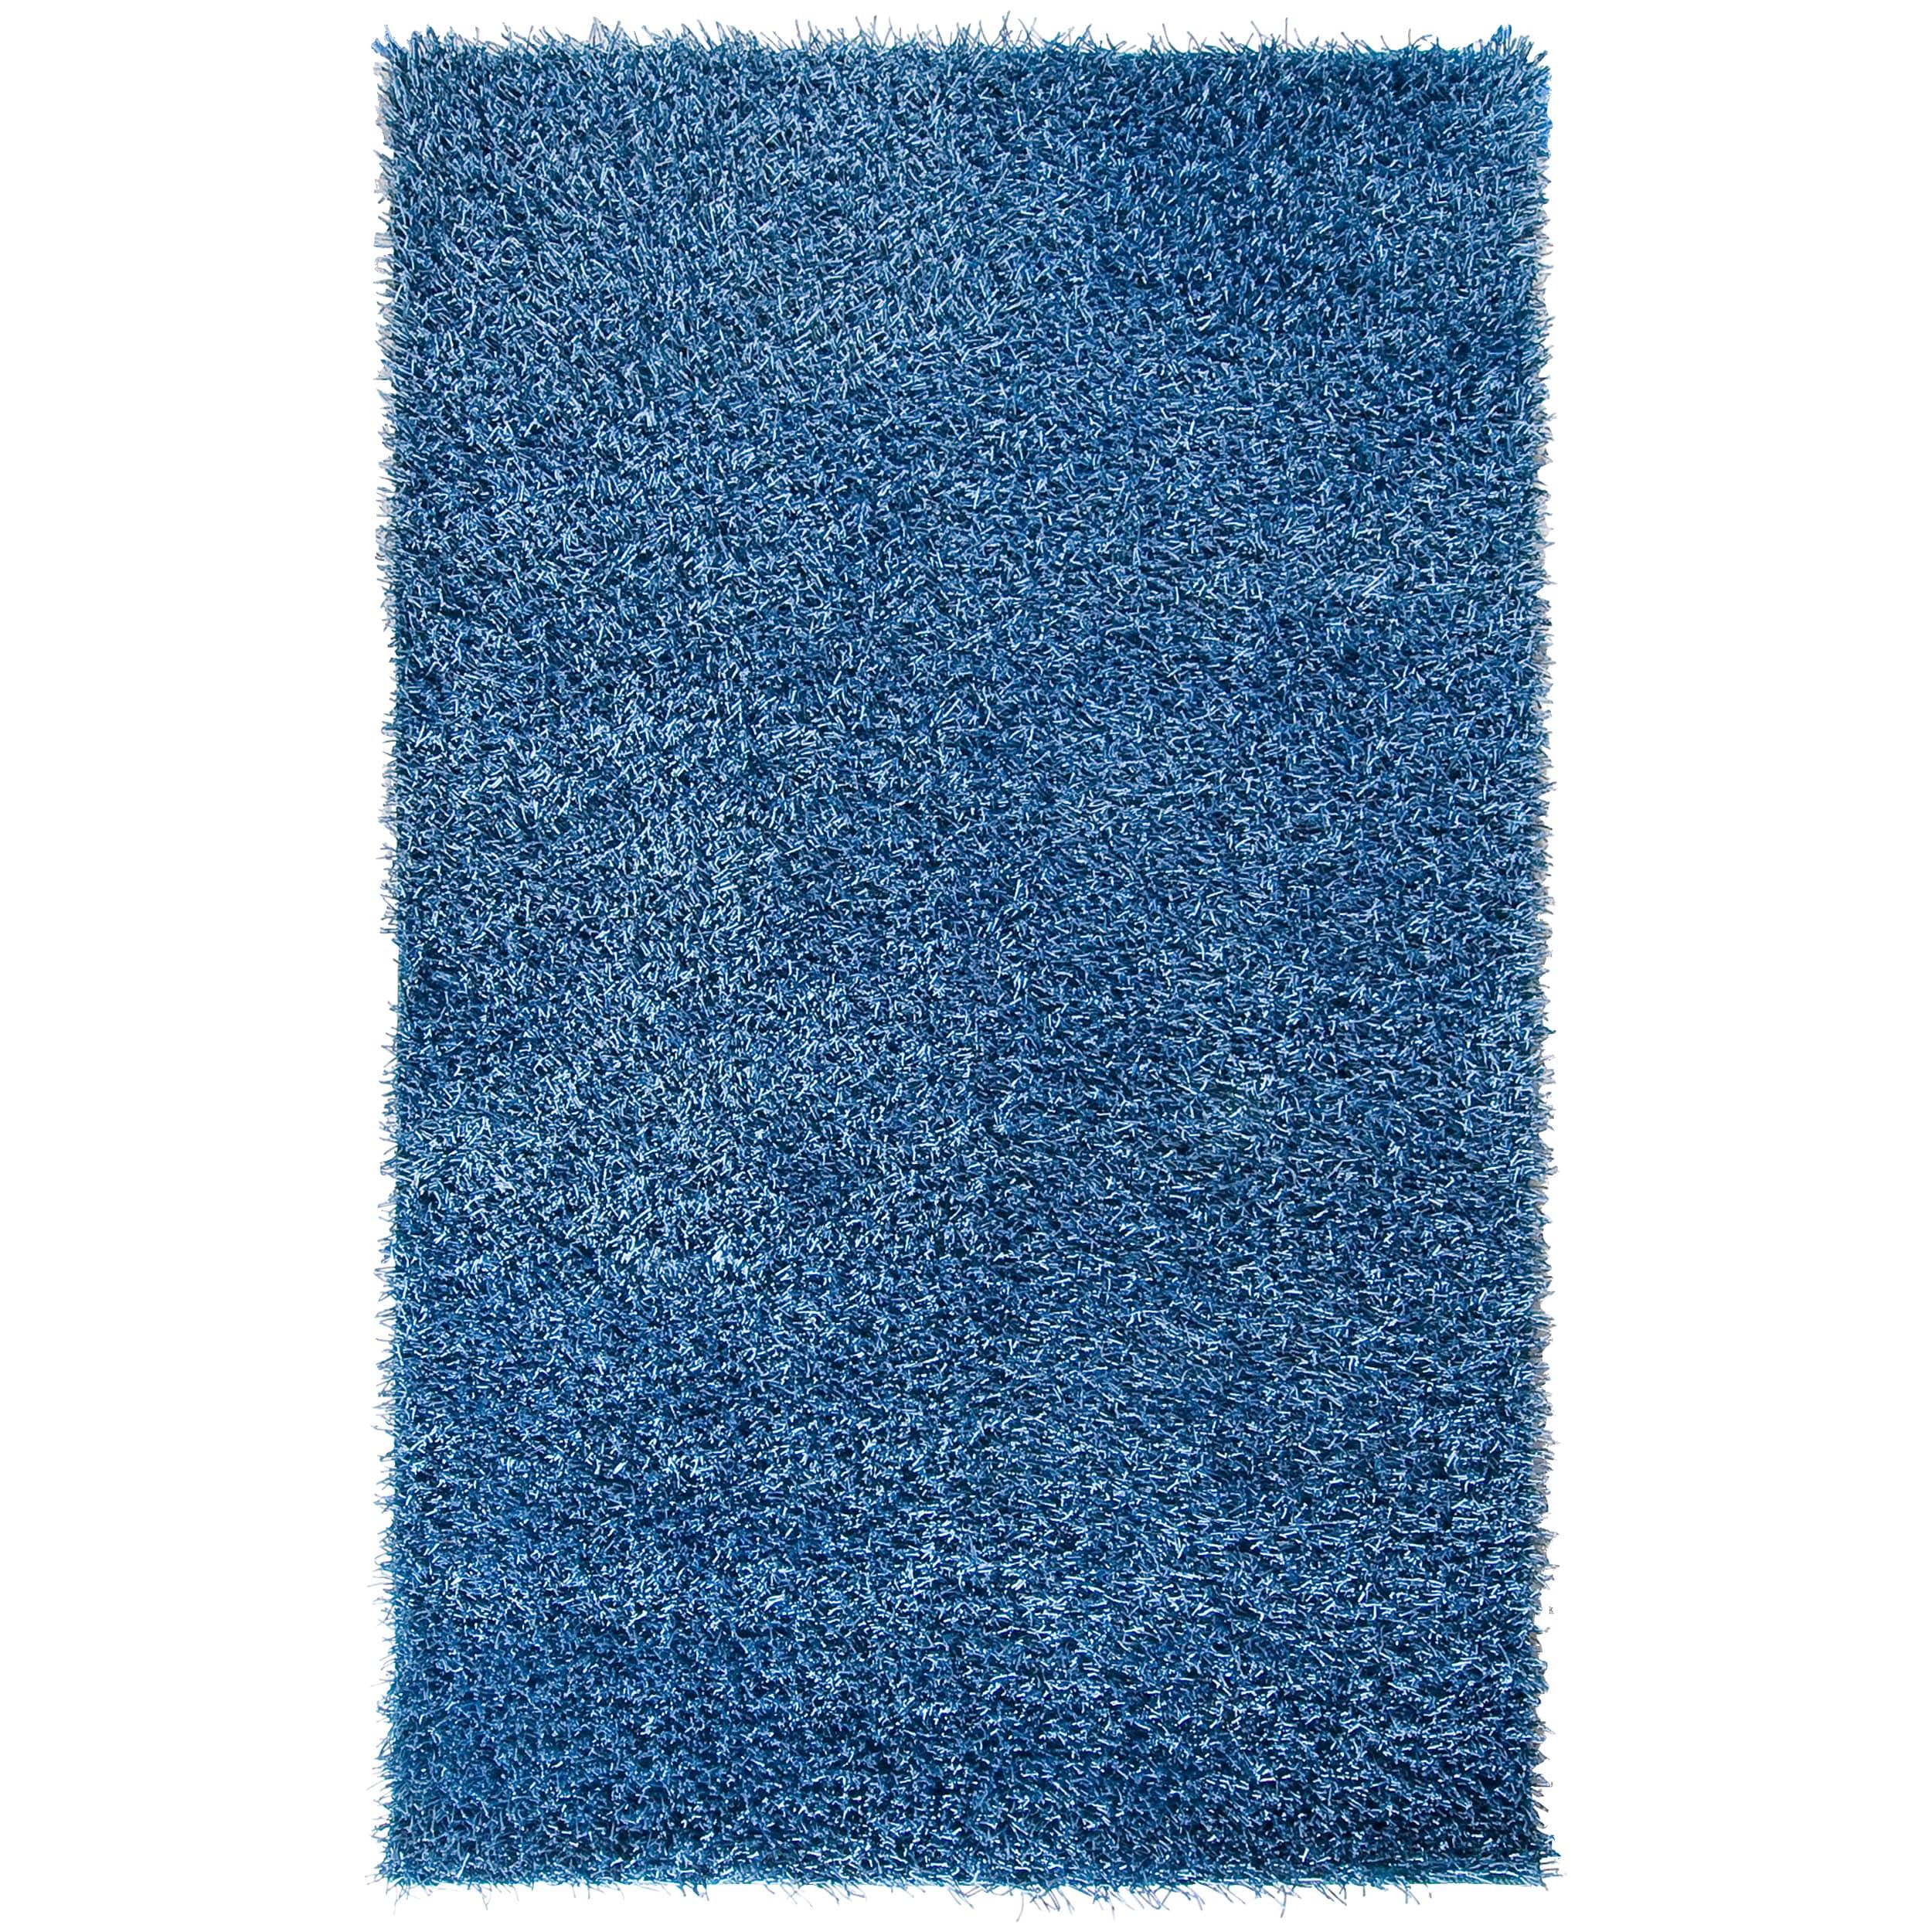 Hand-woven Blue Vivid Soft Shag (1'9 x 2'10)